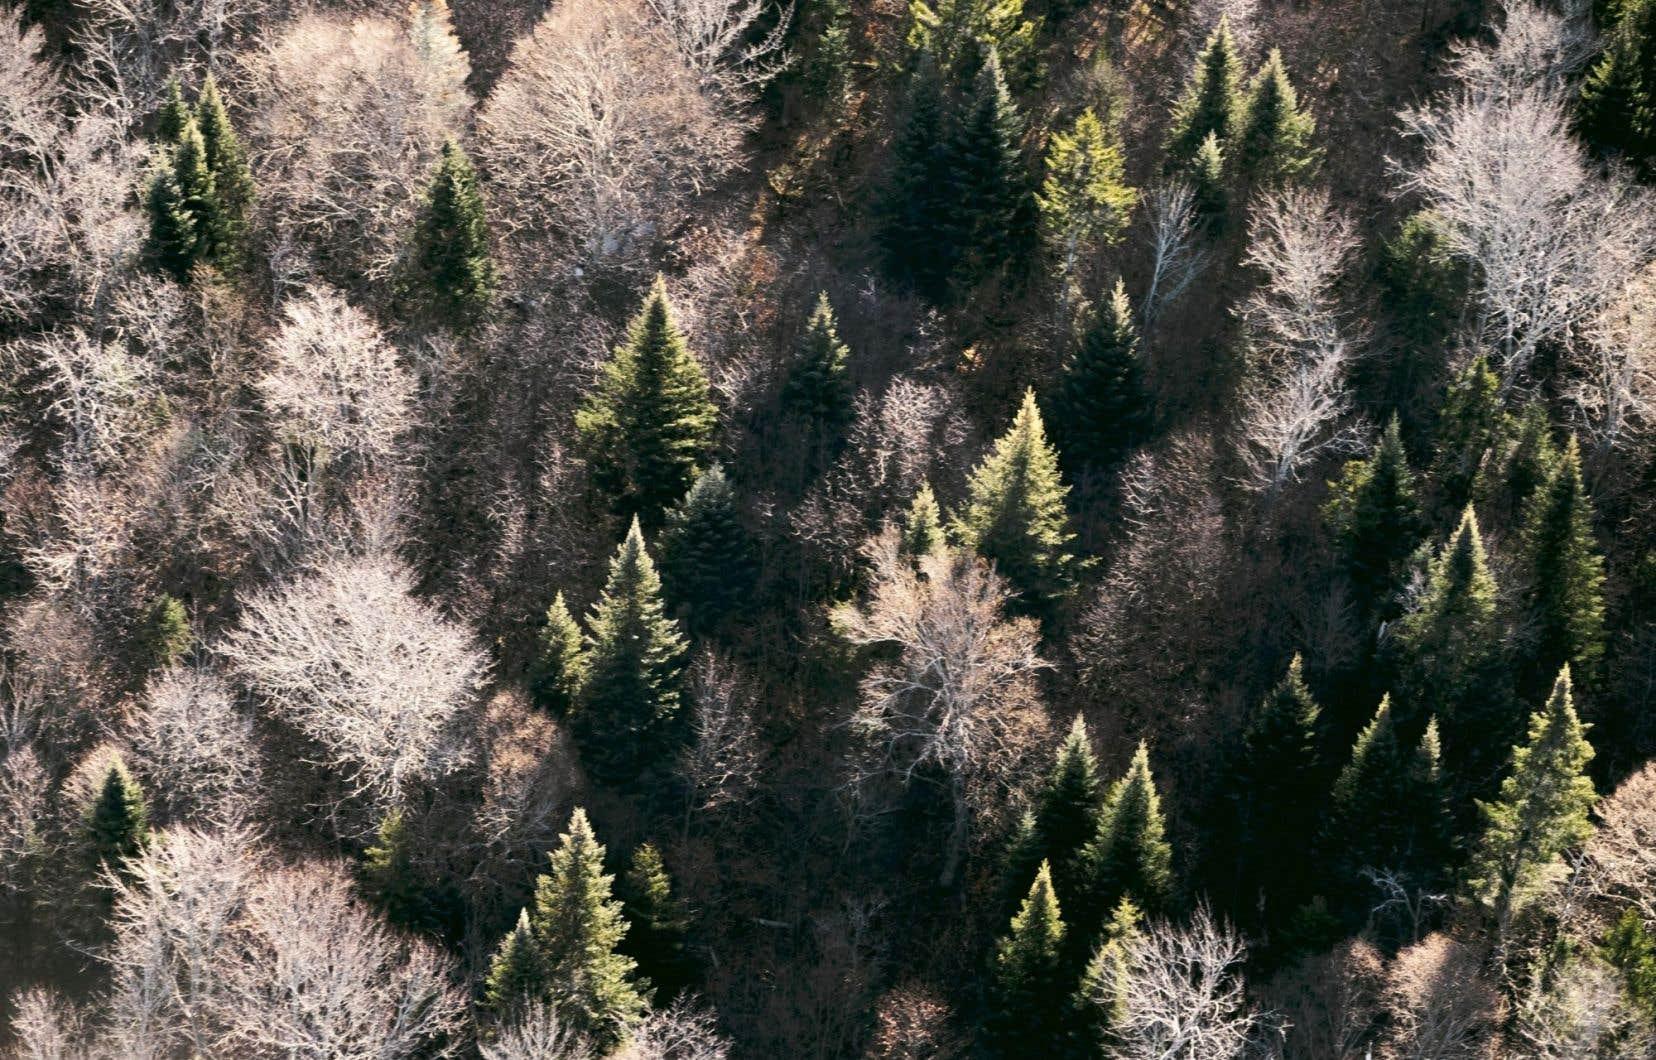 Les chercheurs de 90 institutions ont compilé et analysé les données d'inventaires forestiers de 780000 parcelles de forêt réparties dans 44 pays et 13 régions écologiques différentes.